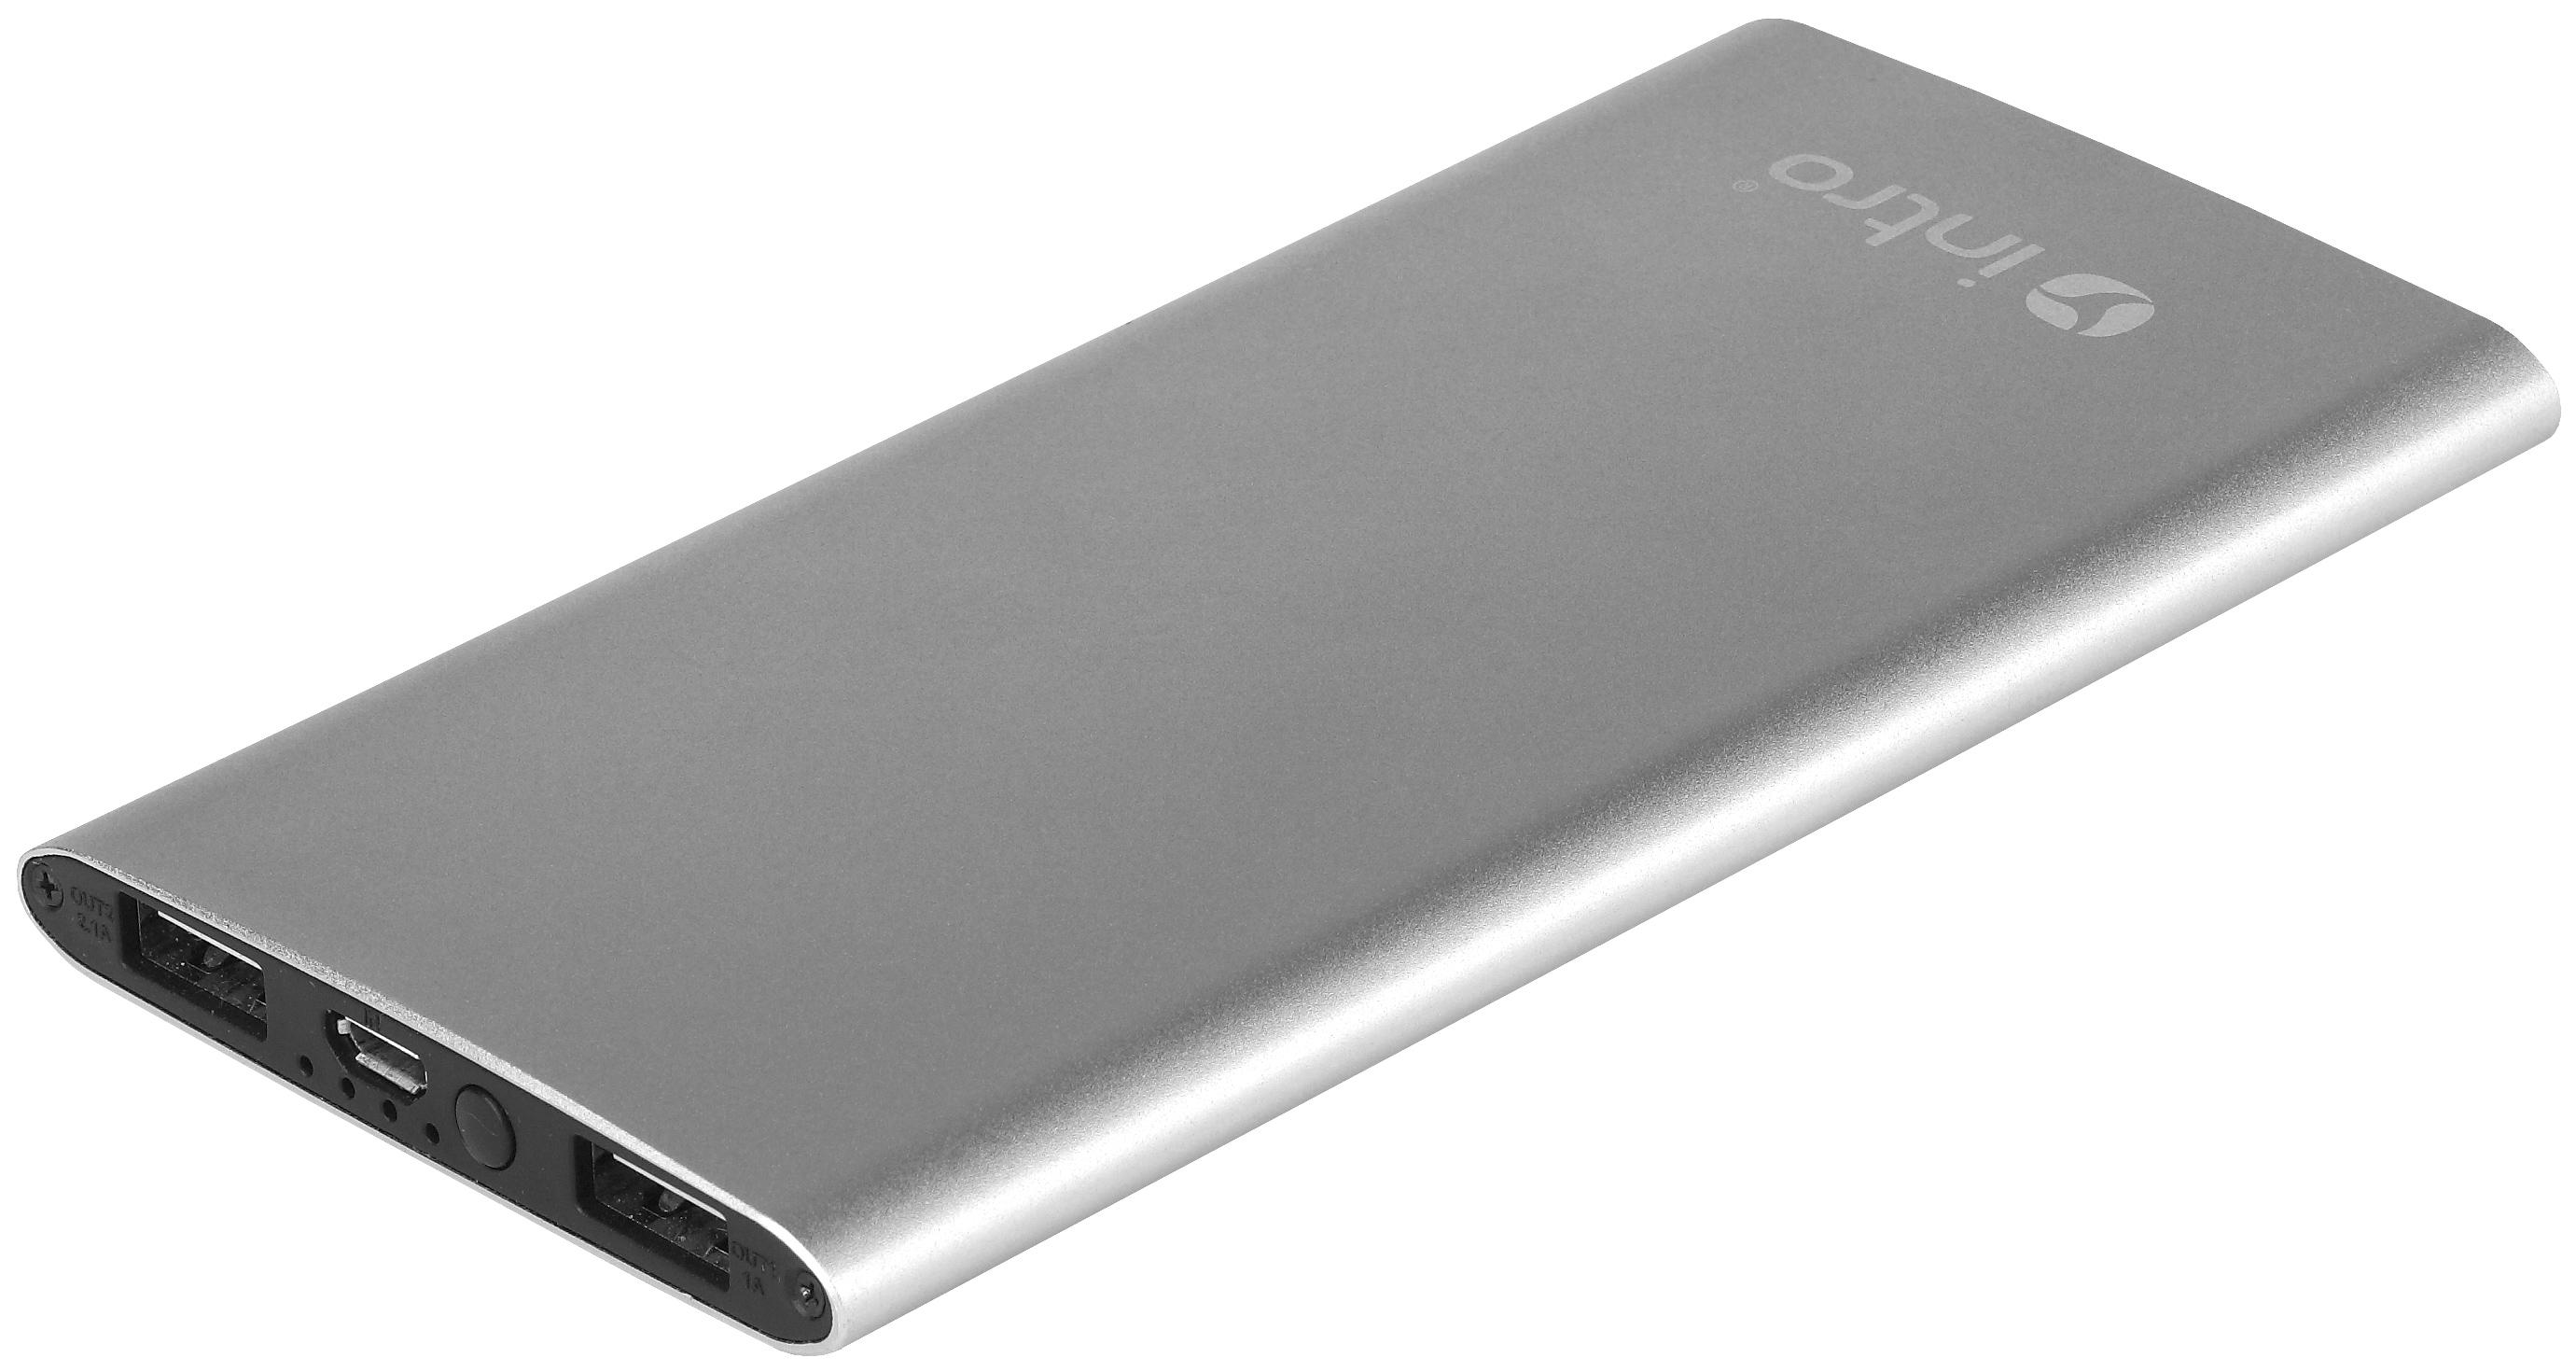 Внешний аккумулятор Incar (Intro) PB06 6000 мА/ч Silver  - купить со скидкой